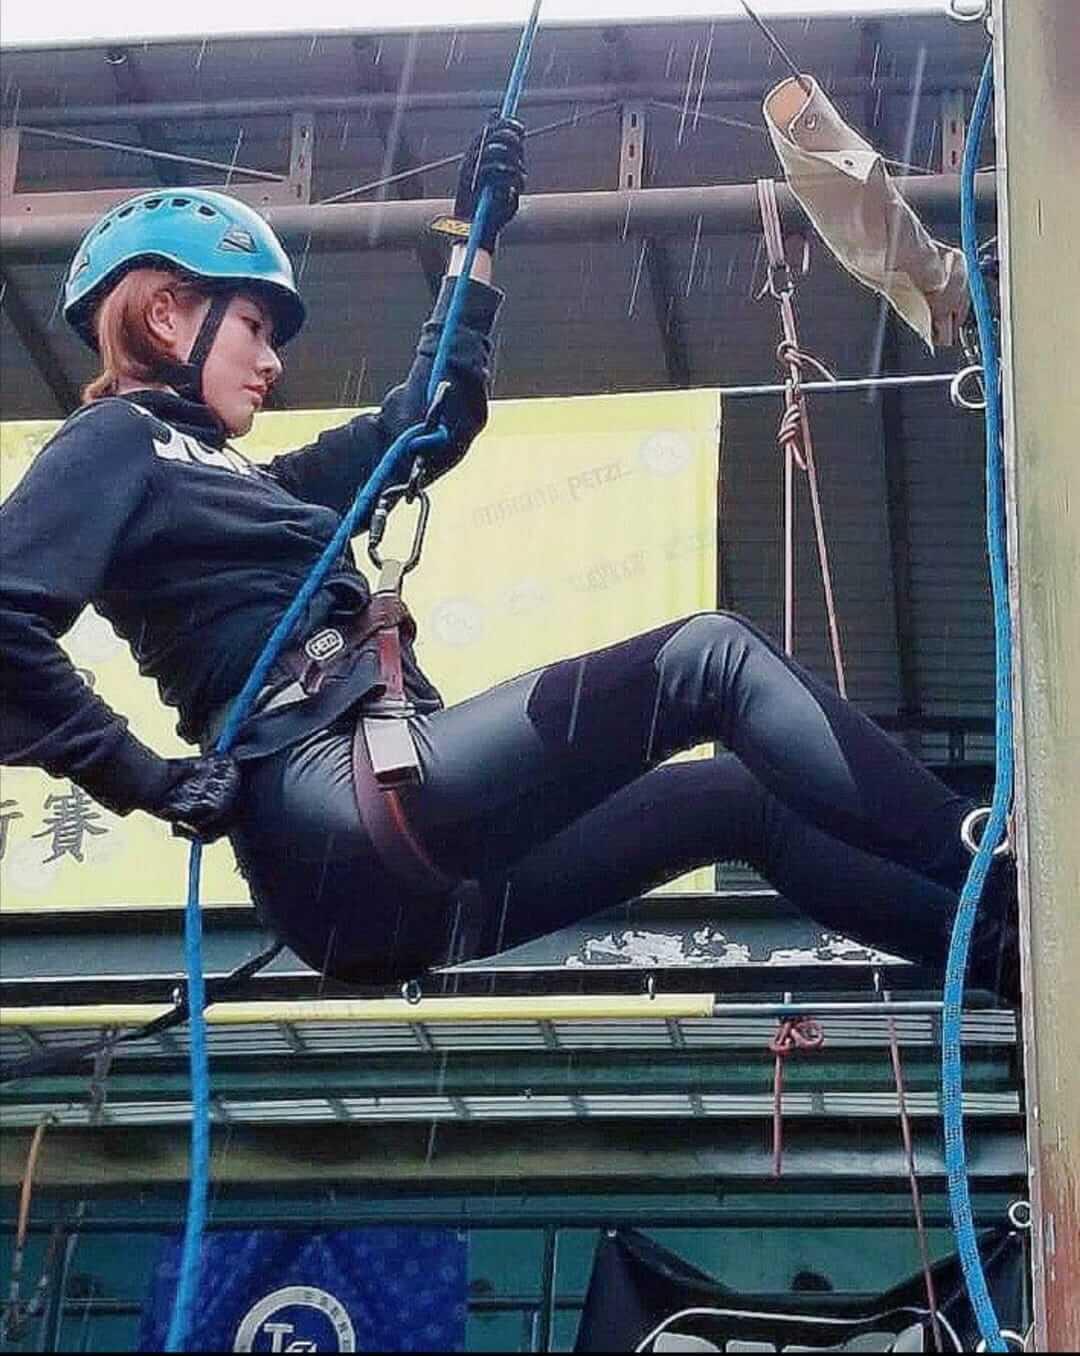 鄧佩儀表示攀石是一種不錯的運動,可以訓練專注力。